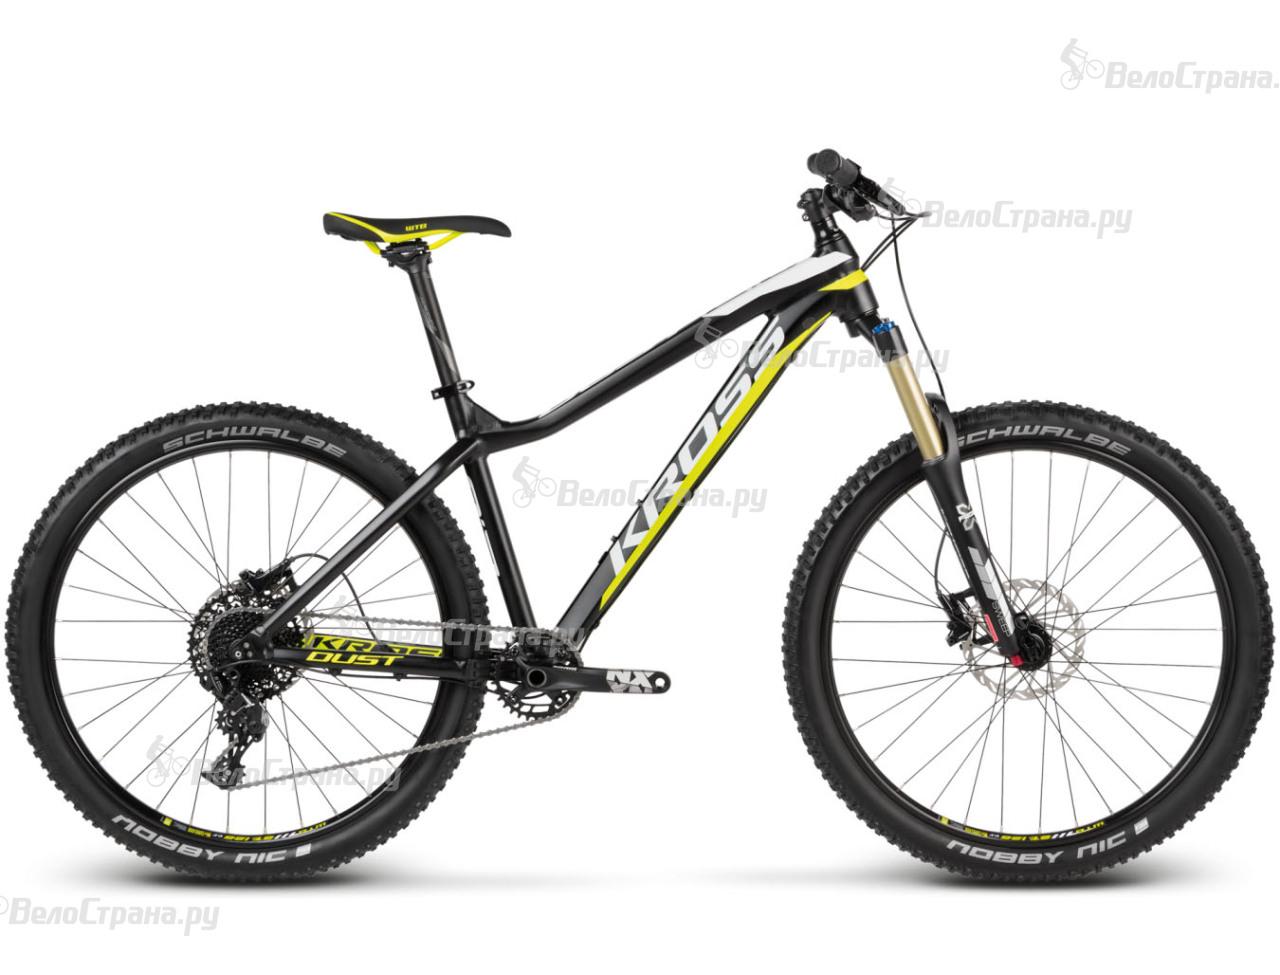 Велосипед Kross Dust 2.0 (2017)